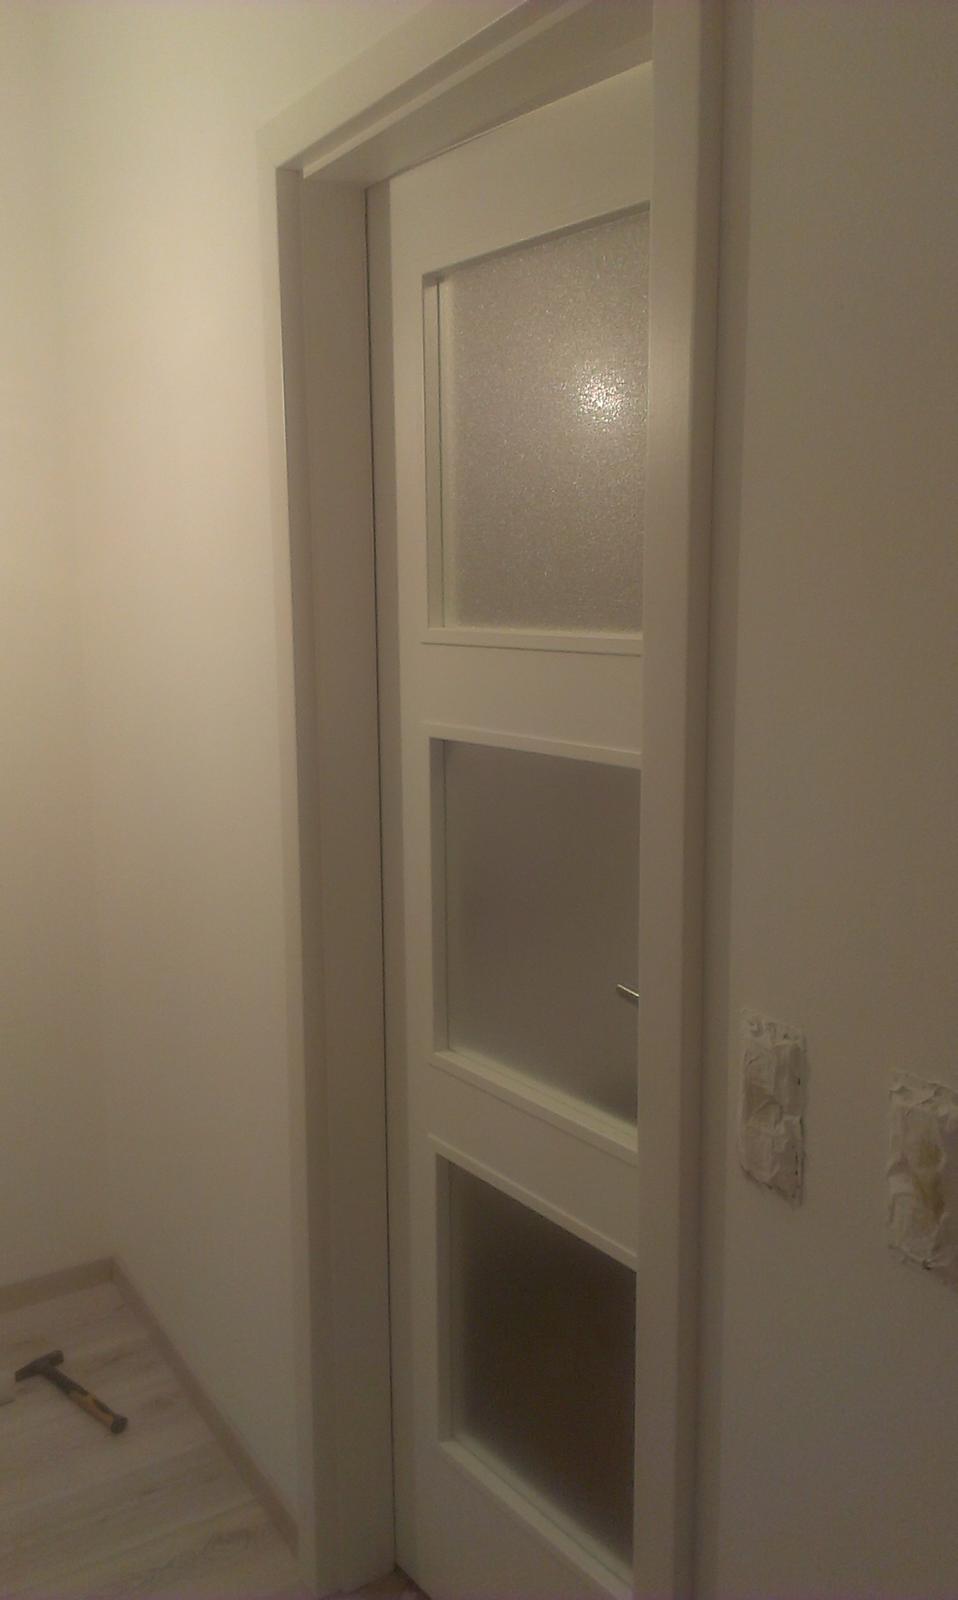 Nova 77 - dvere do kúpelne - boli sme zvedaví na to presklenie a sme nadšení